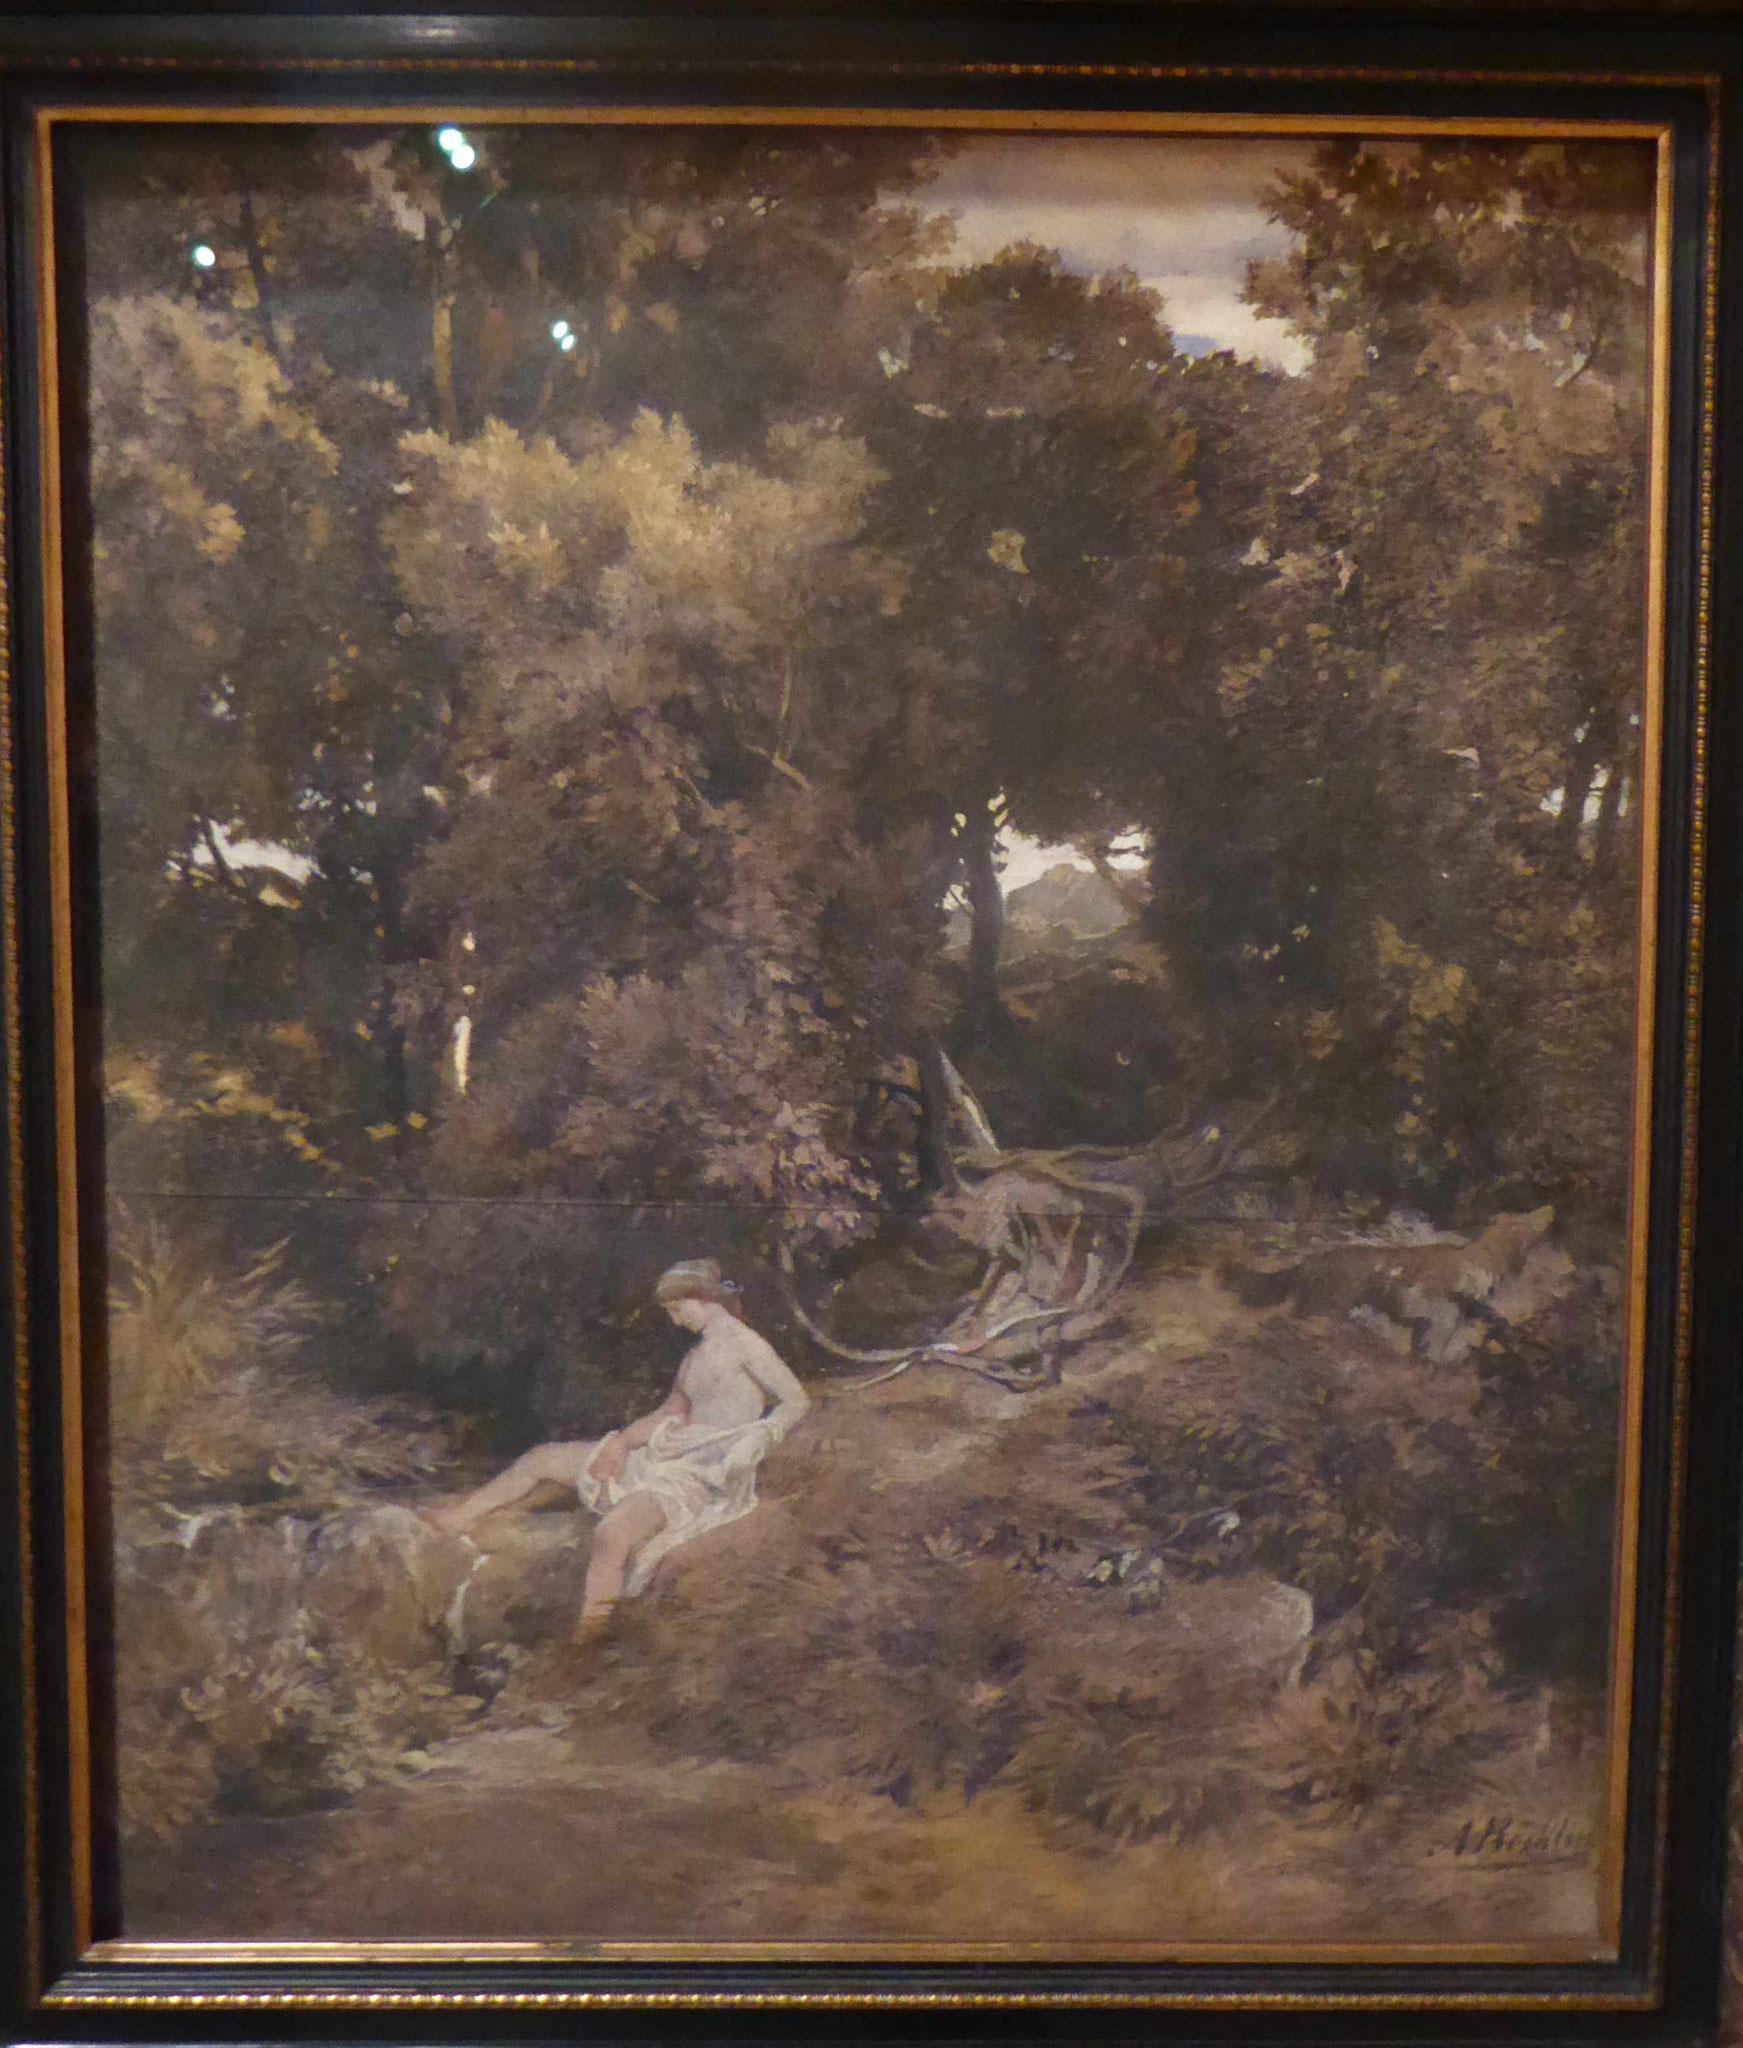 Arnold Böcklin, Museo Thyssen-Bornemisza, Madrid, Spanien